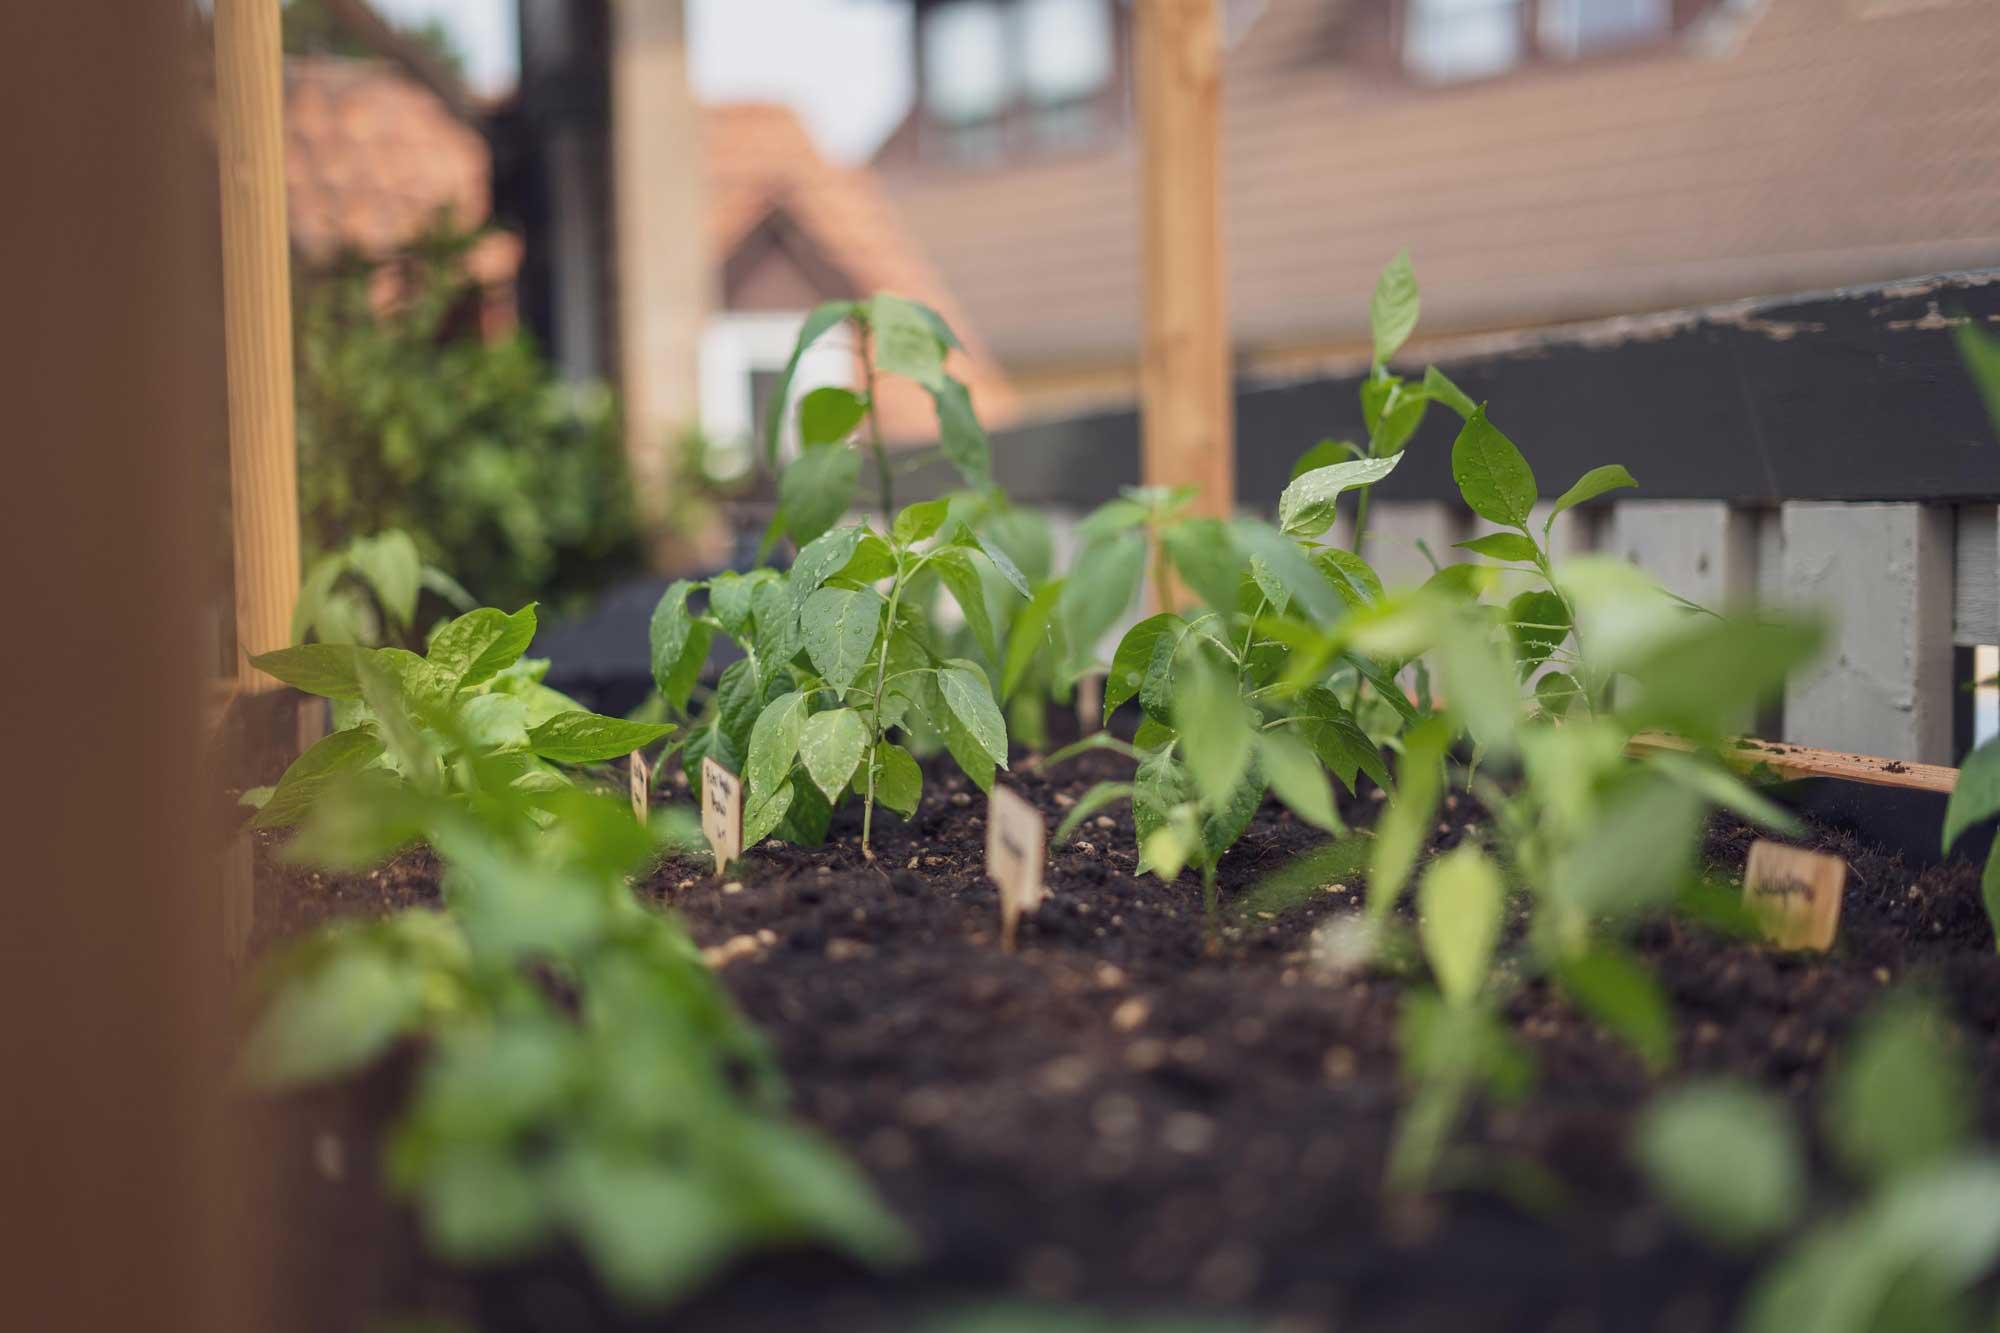 Die Chilis sind ausgepflanzt